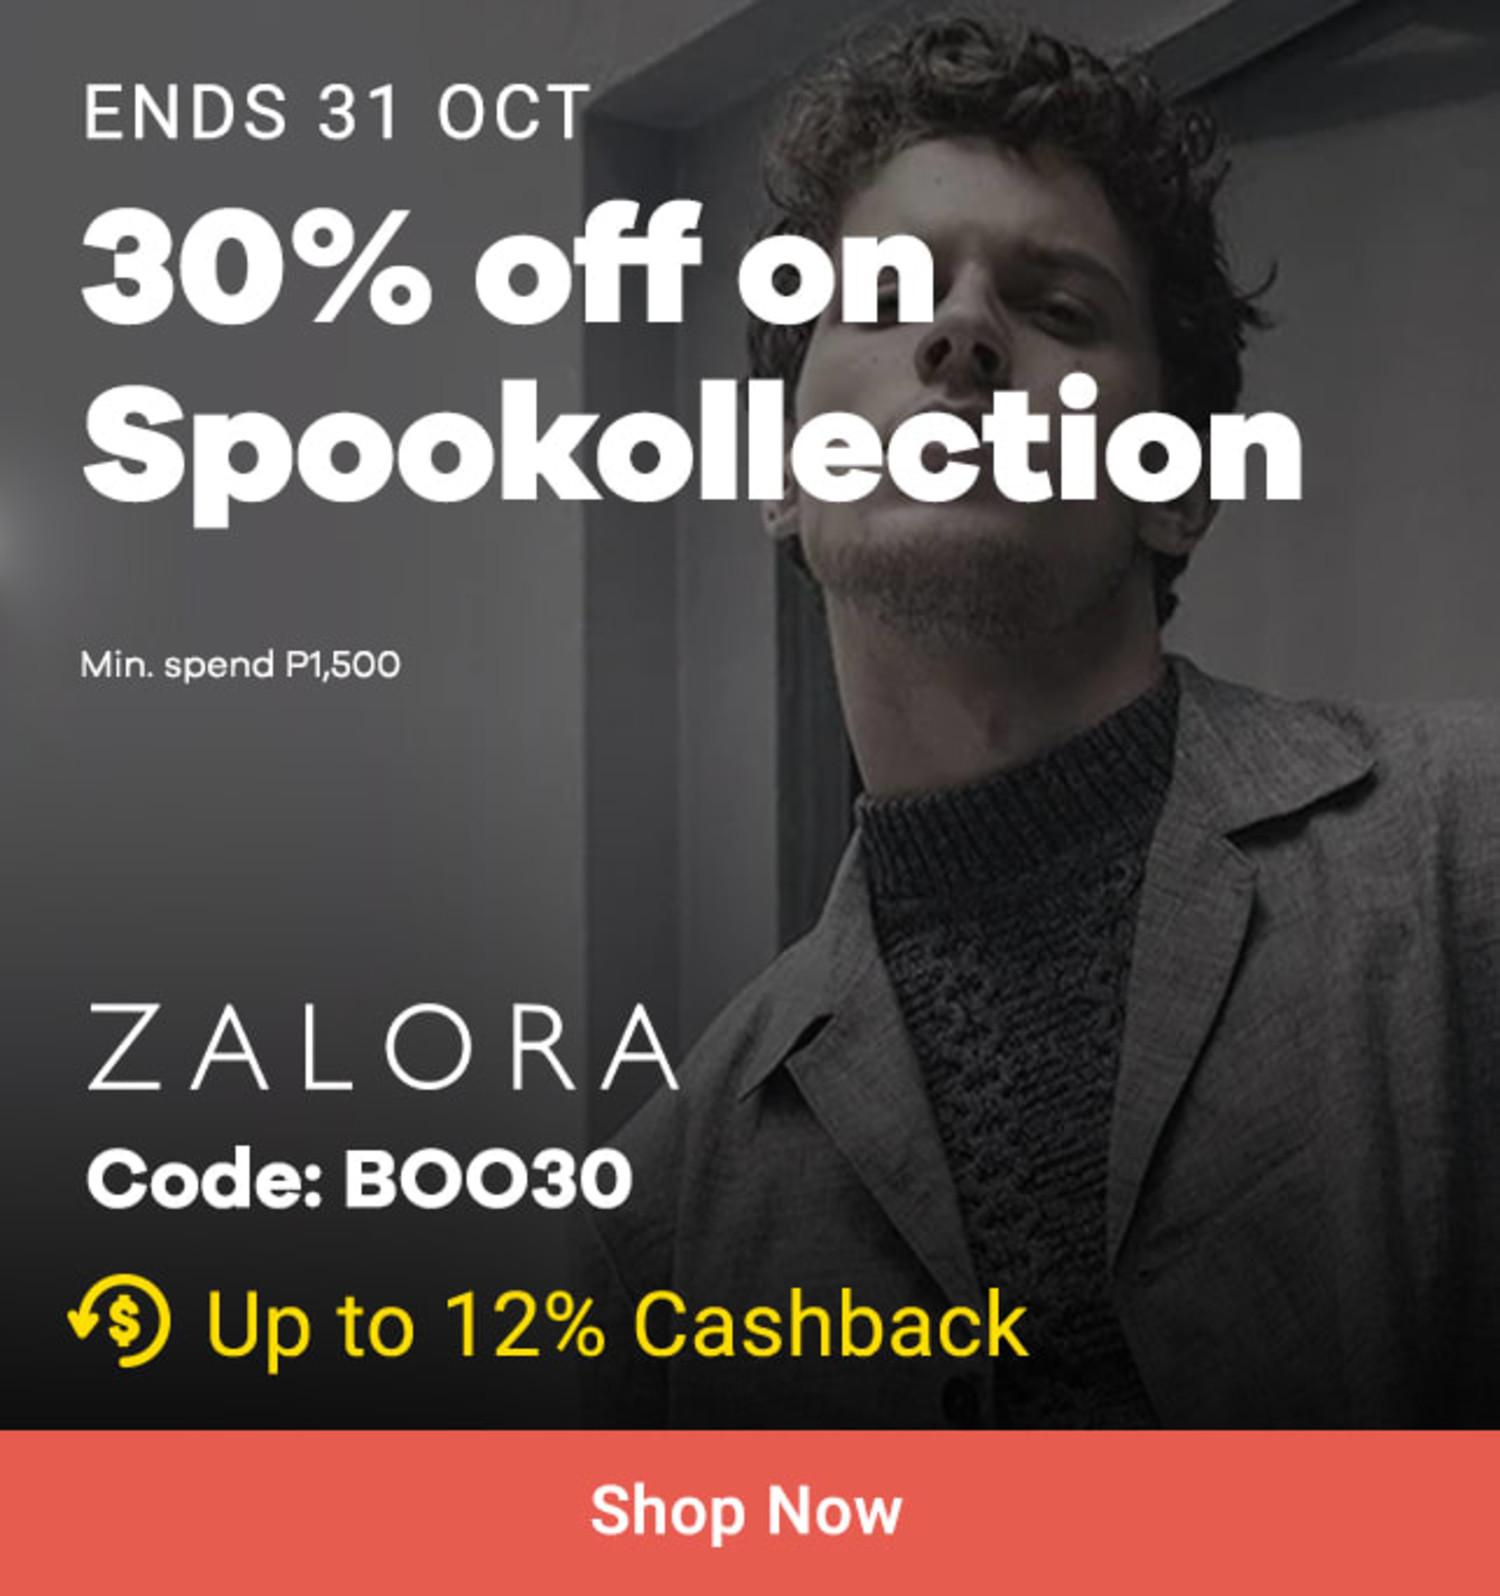 ZALORA: 25% + Free Shipping